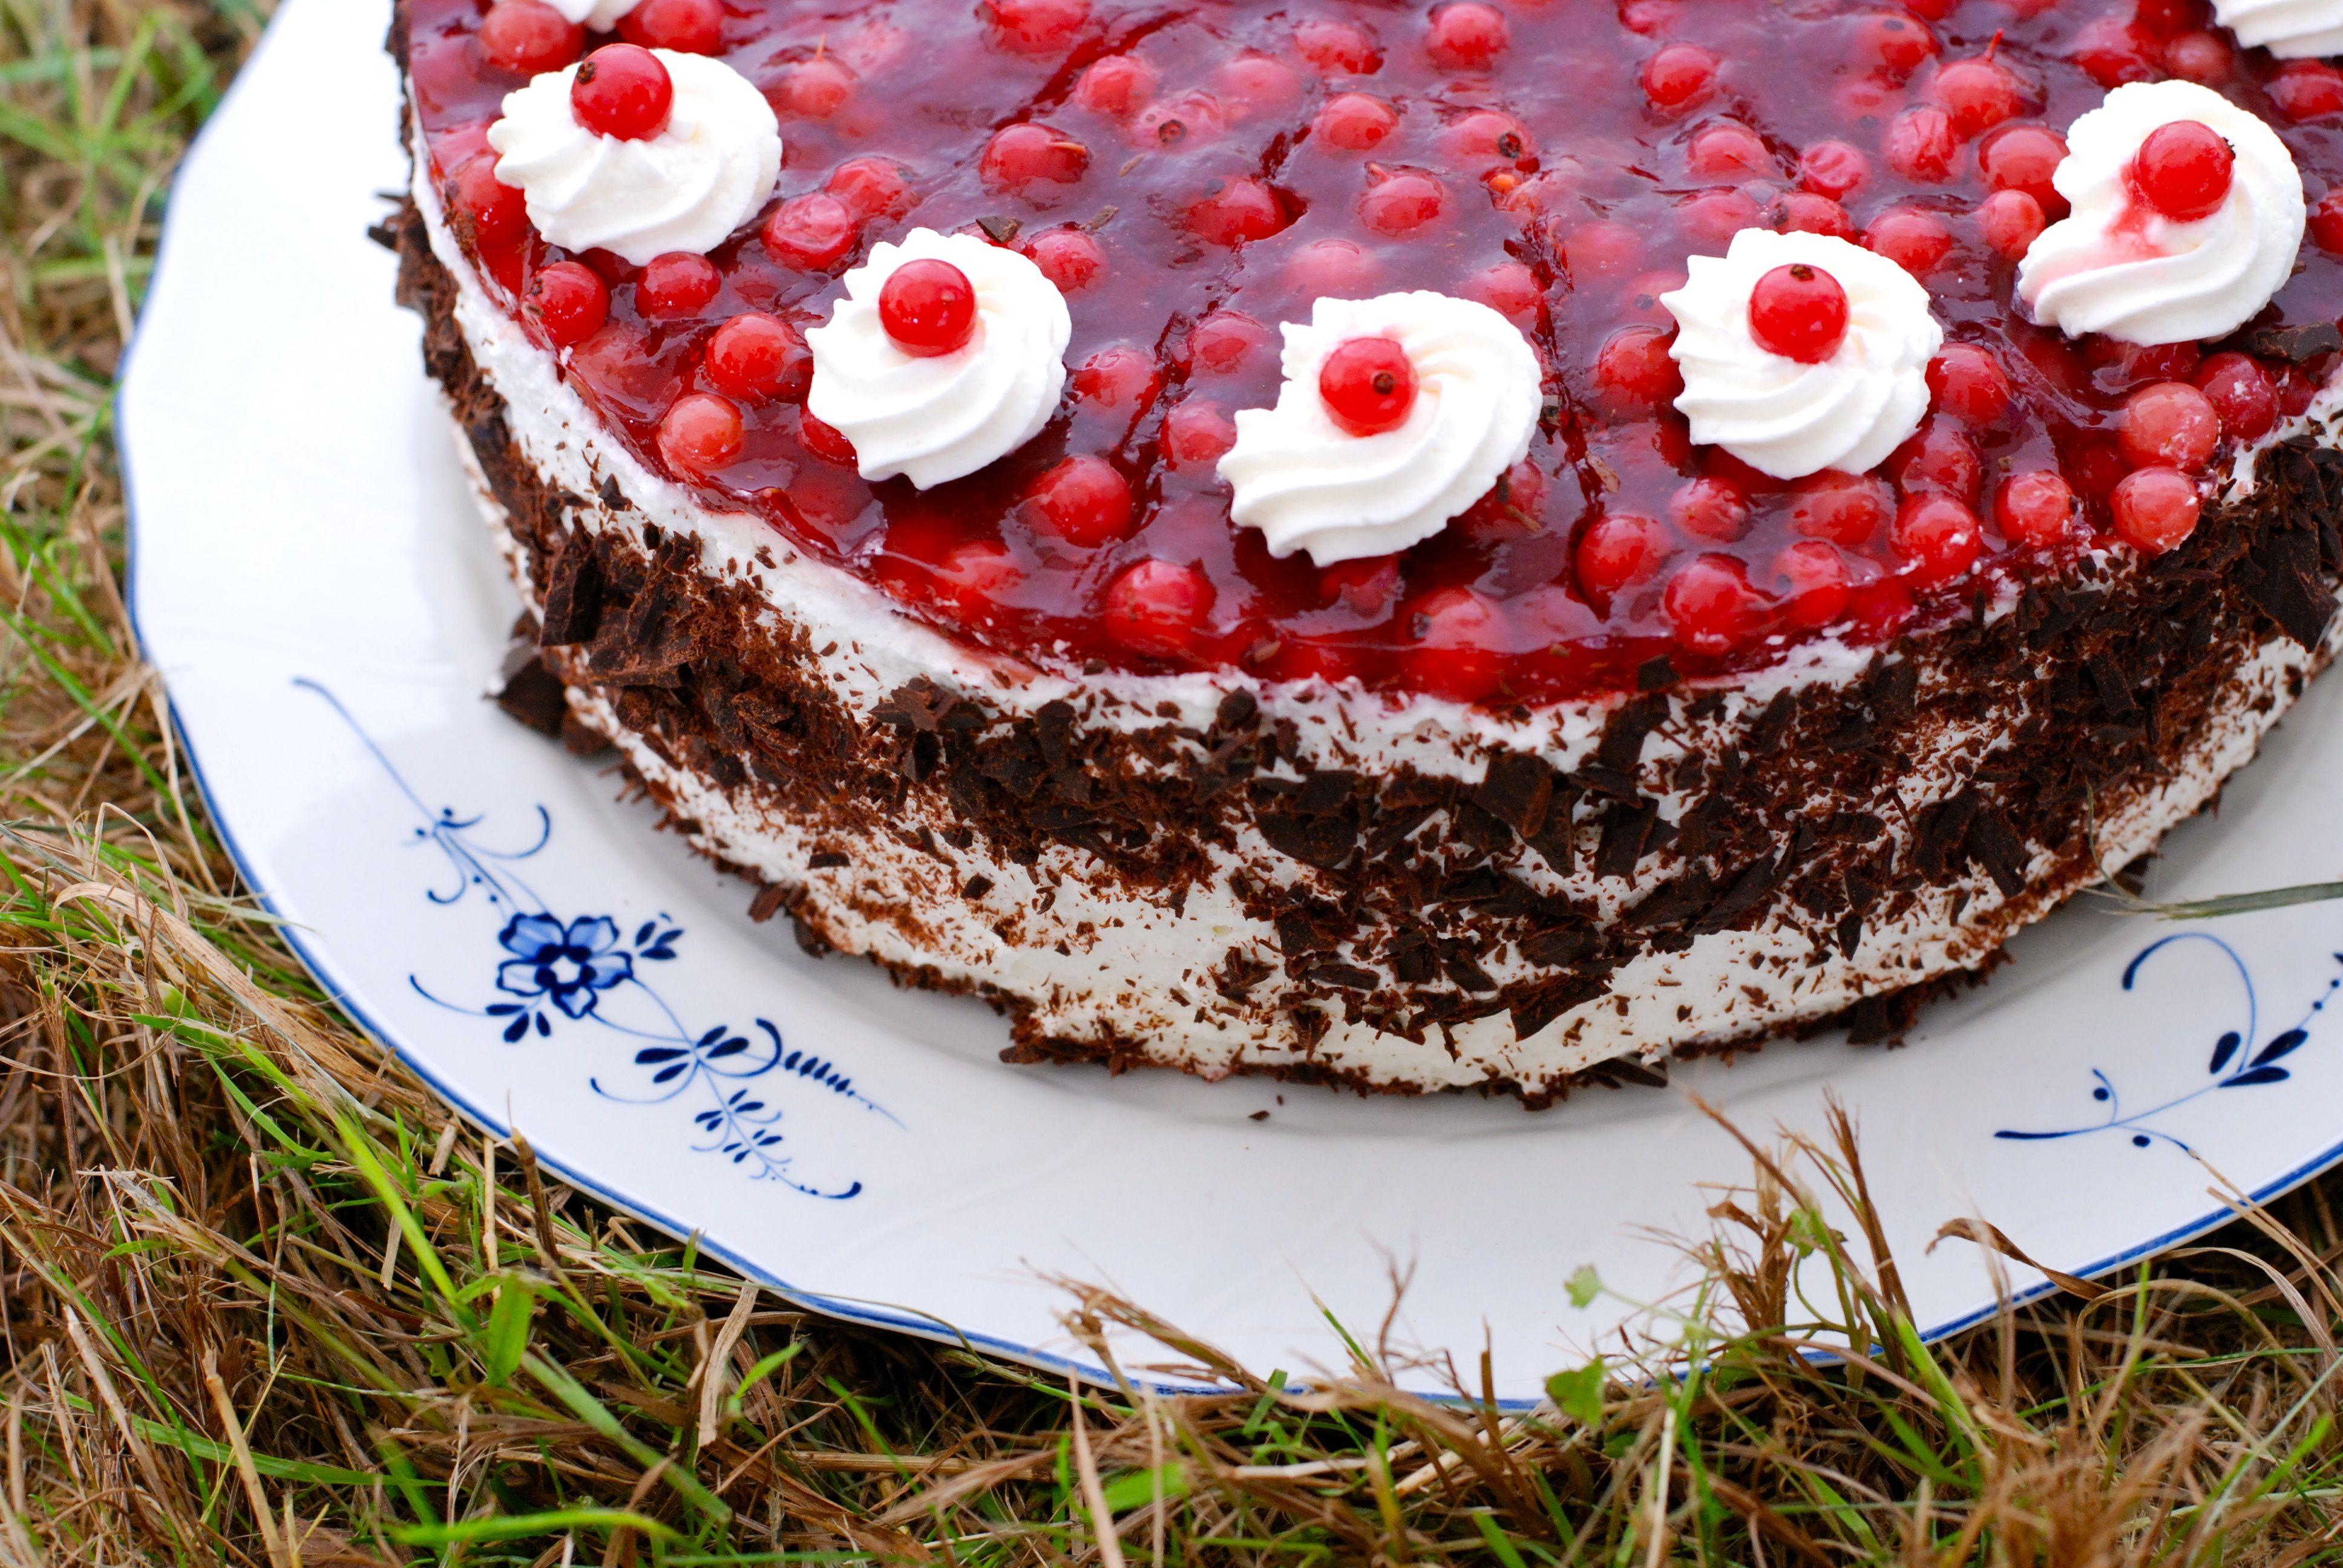 Recept van Lammie Hilbrands-de Boer voor taartenbakwedstrijd Festival der Zoete Verleidingen 2014